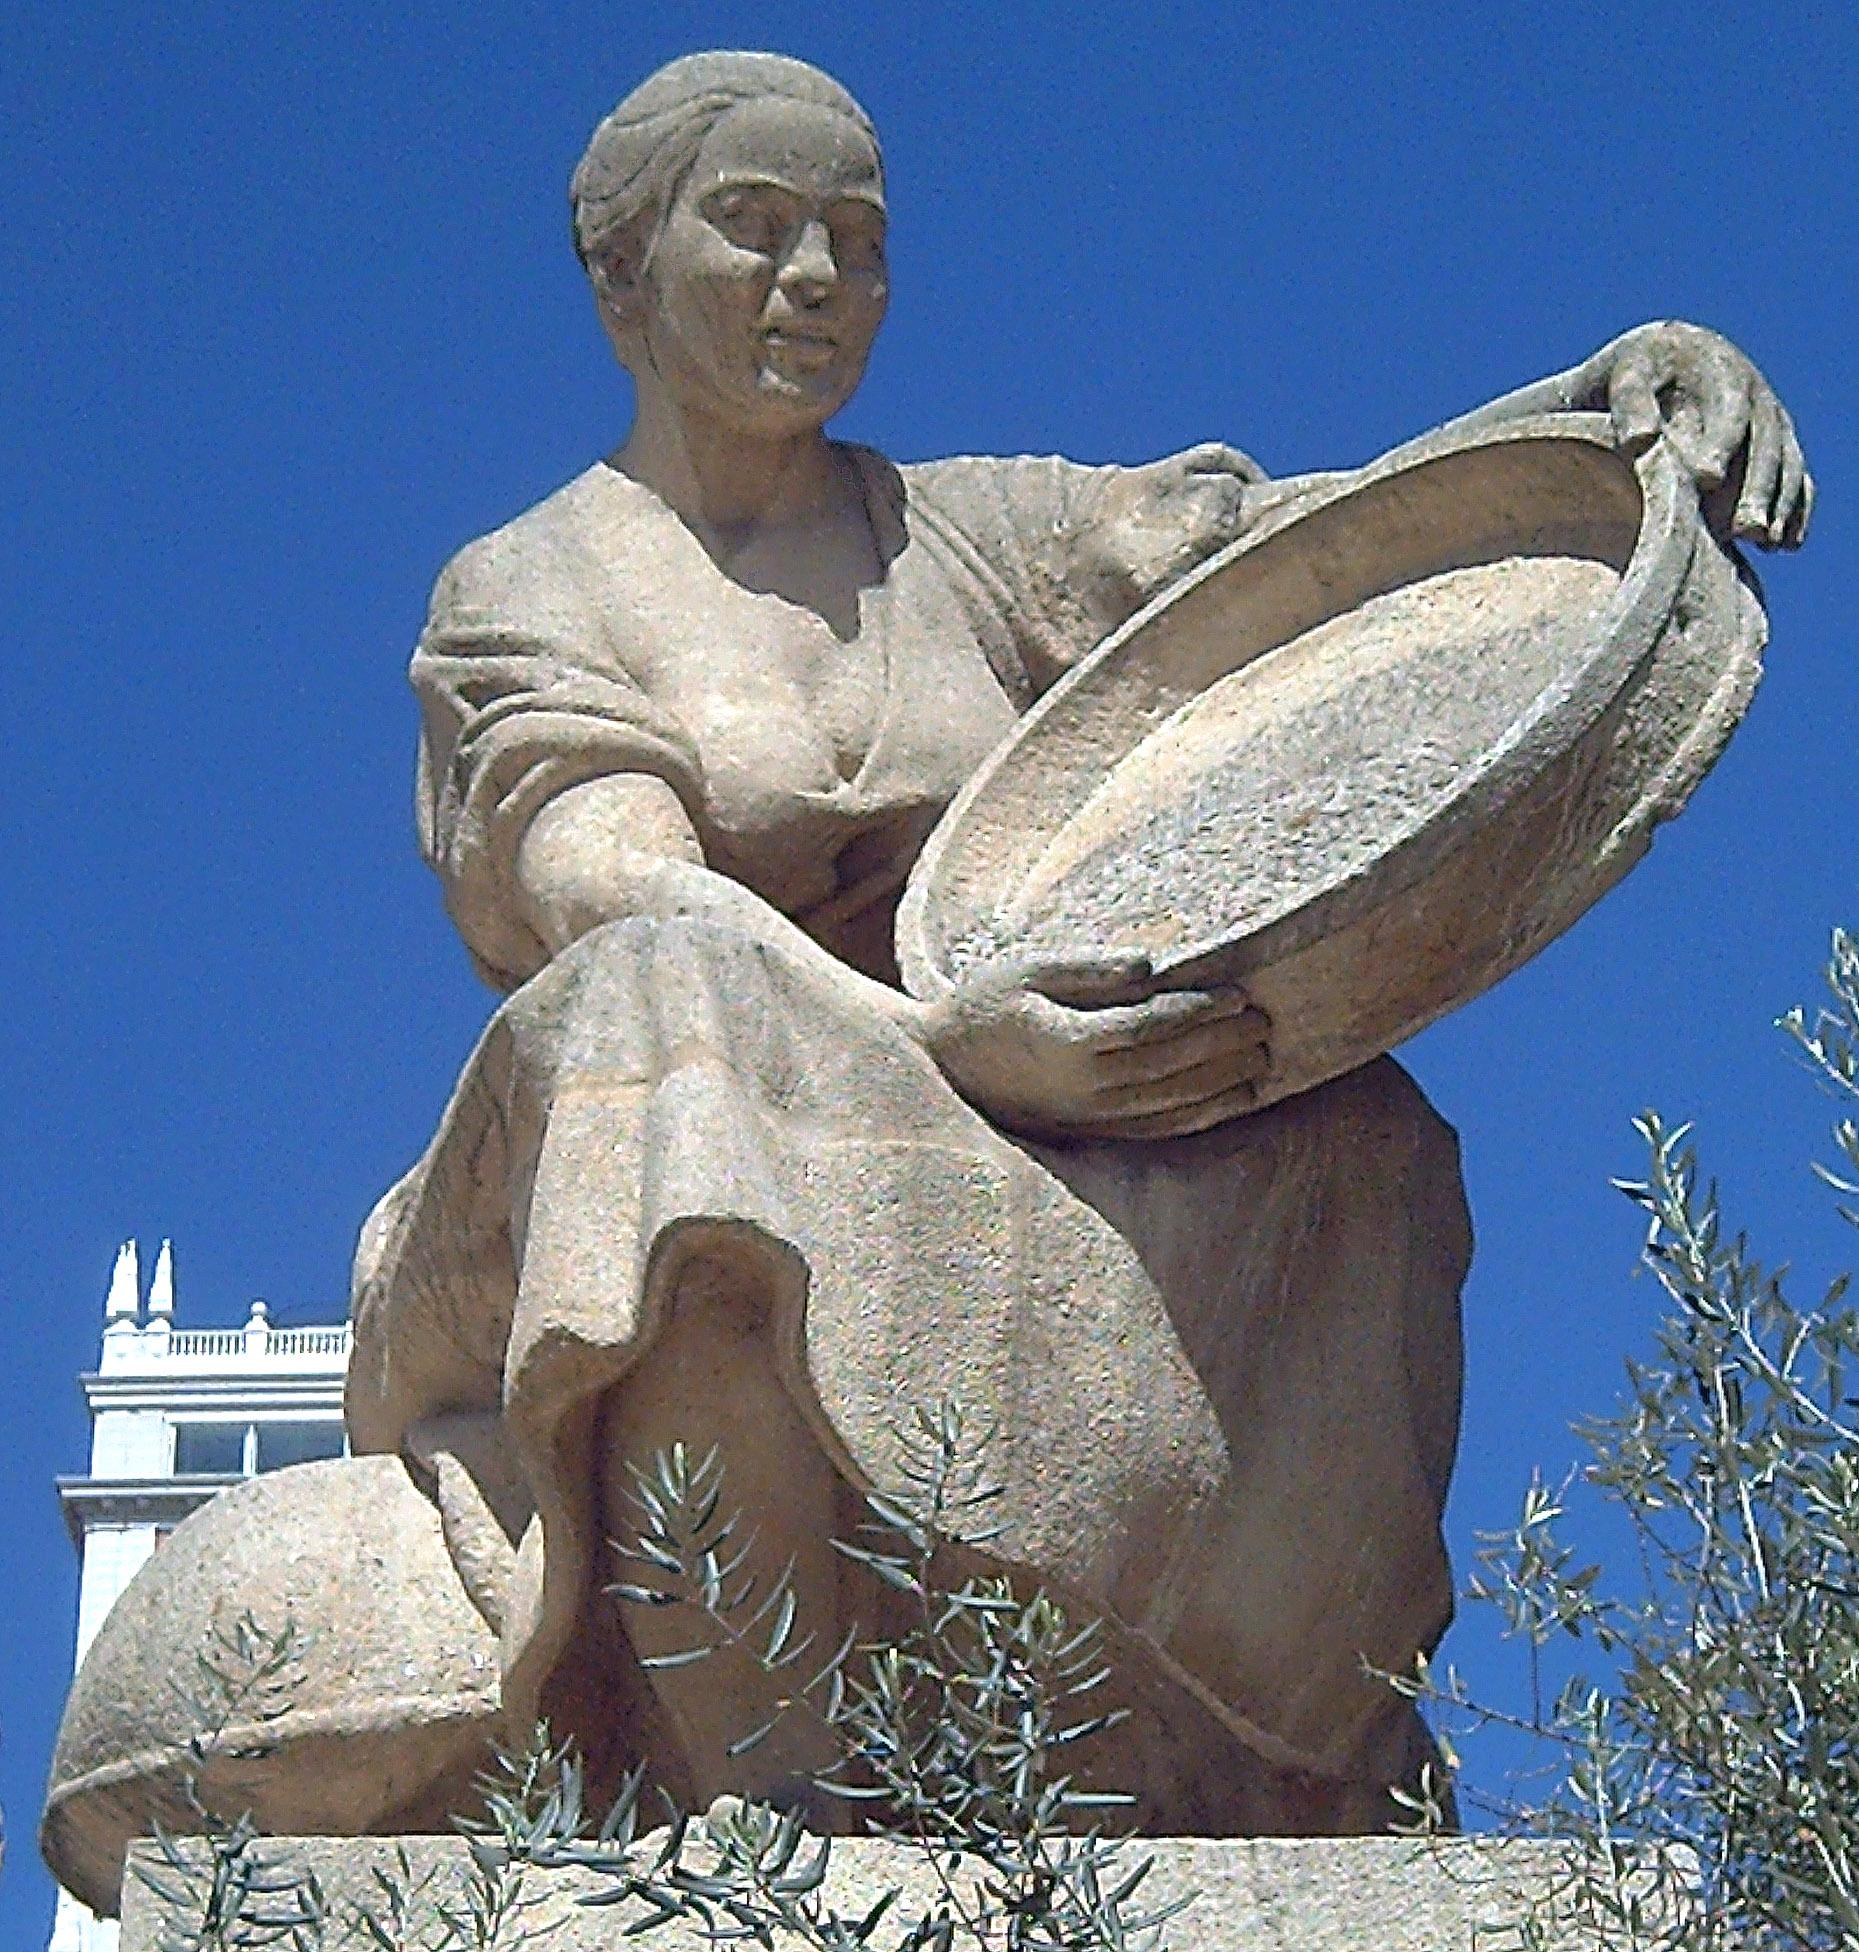 Альдонса Лоренцо, скульптура у памятника Сервантеса в Мадриде. Скульптор Federico Coullaut-Valera (1912–1989)